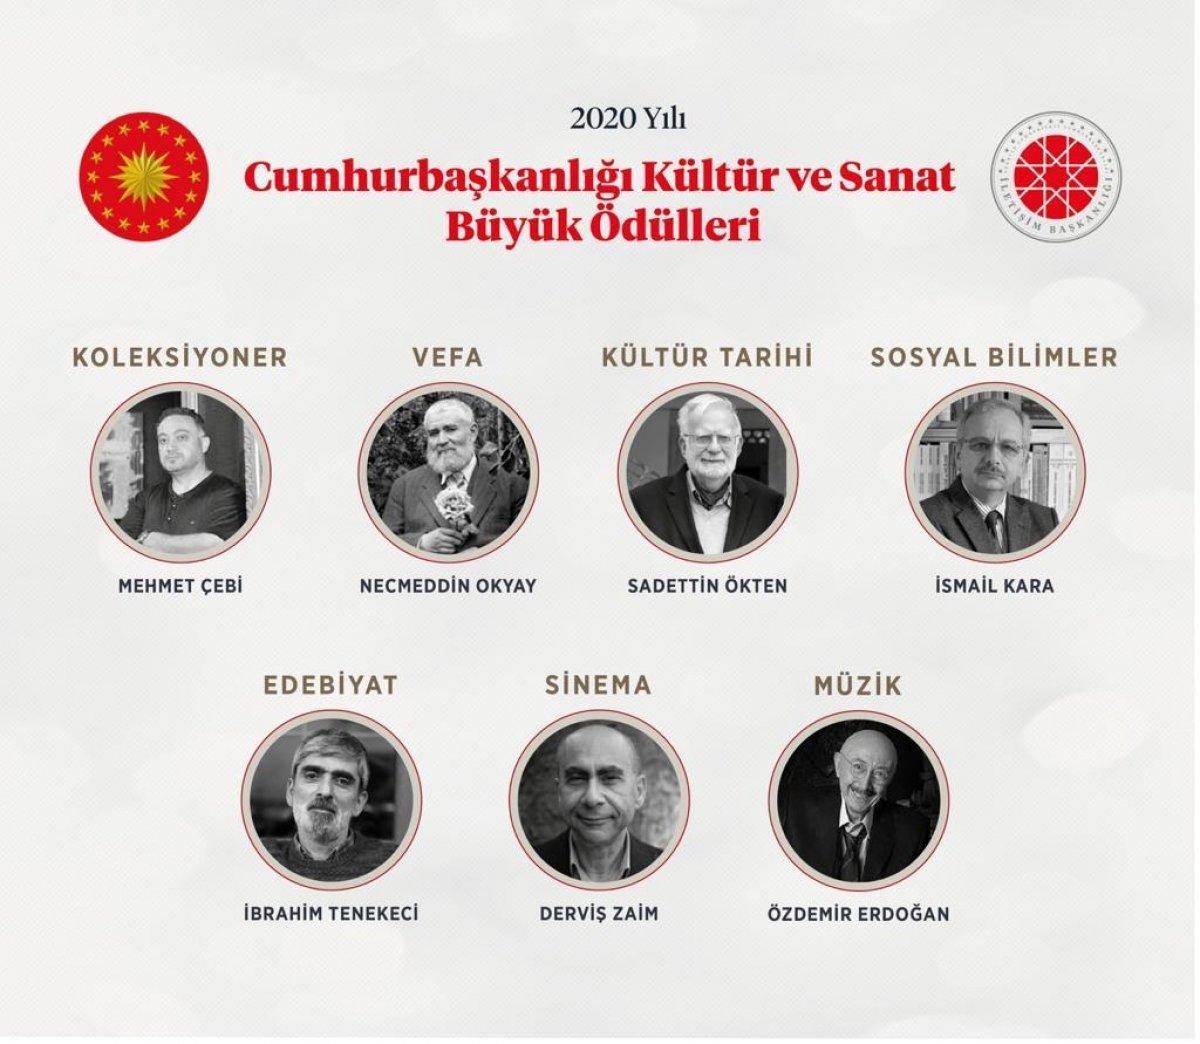 Cumhurbaşkanlığı Kültür ve Sanat Büyük Ödülleri sahiplerini buldu #1